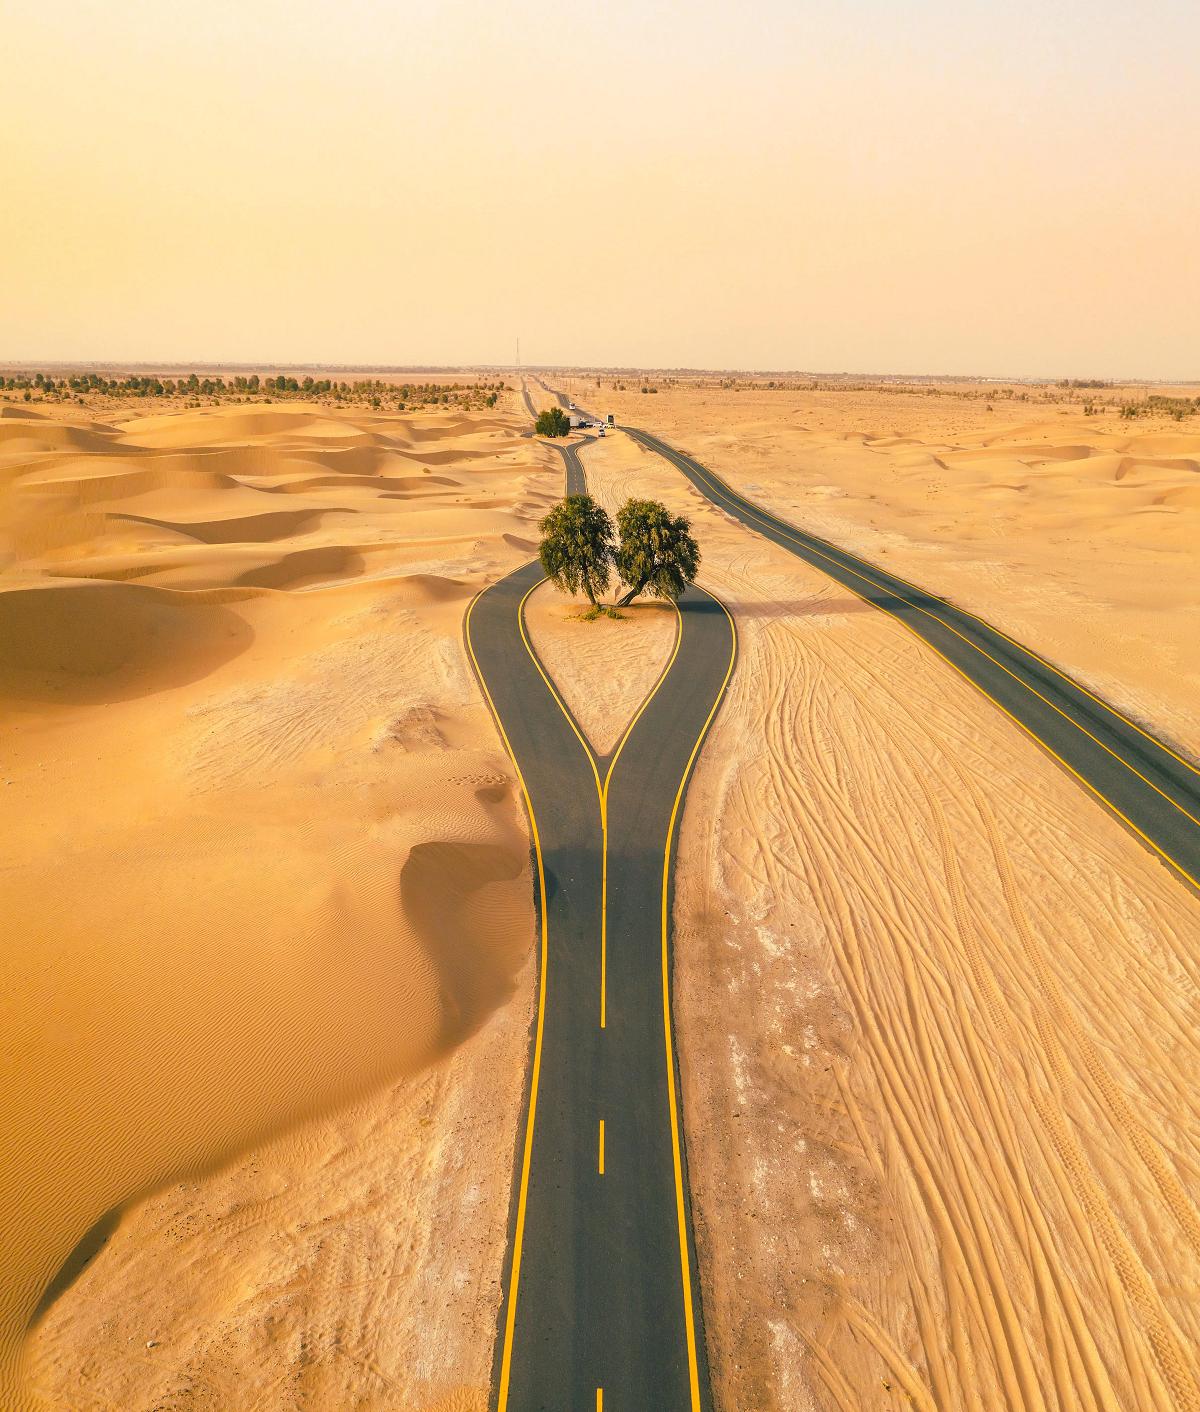 Além das ciclovias urbanas, também é possível conhecer Dubai pelo deserto. (Fonte: Visit Dubai/ Reprodução)